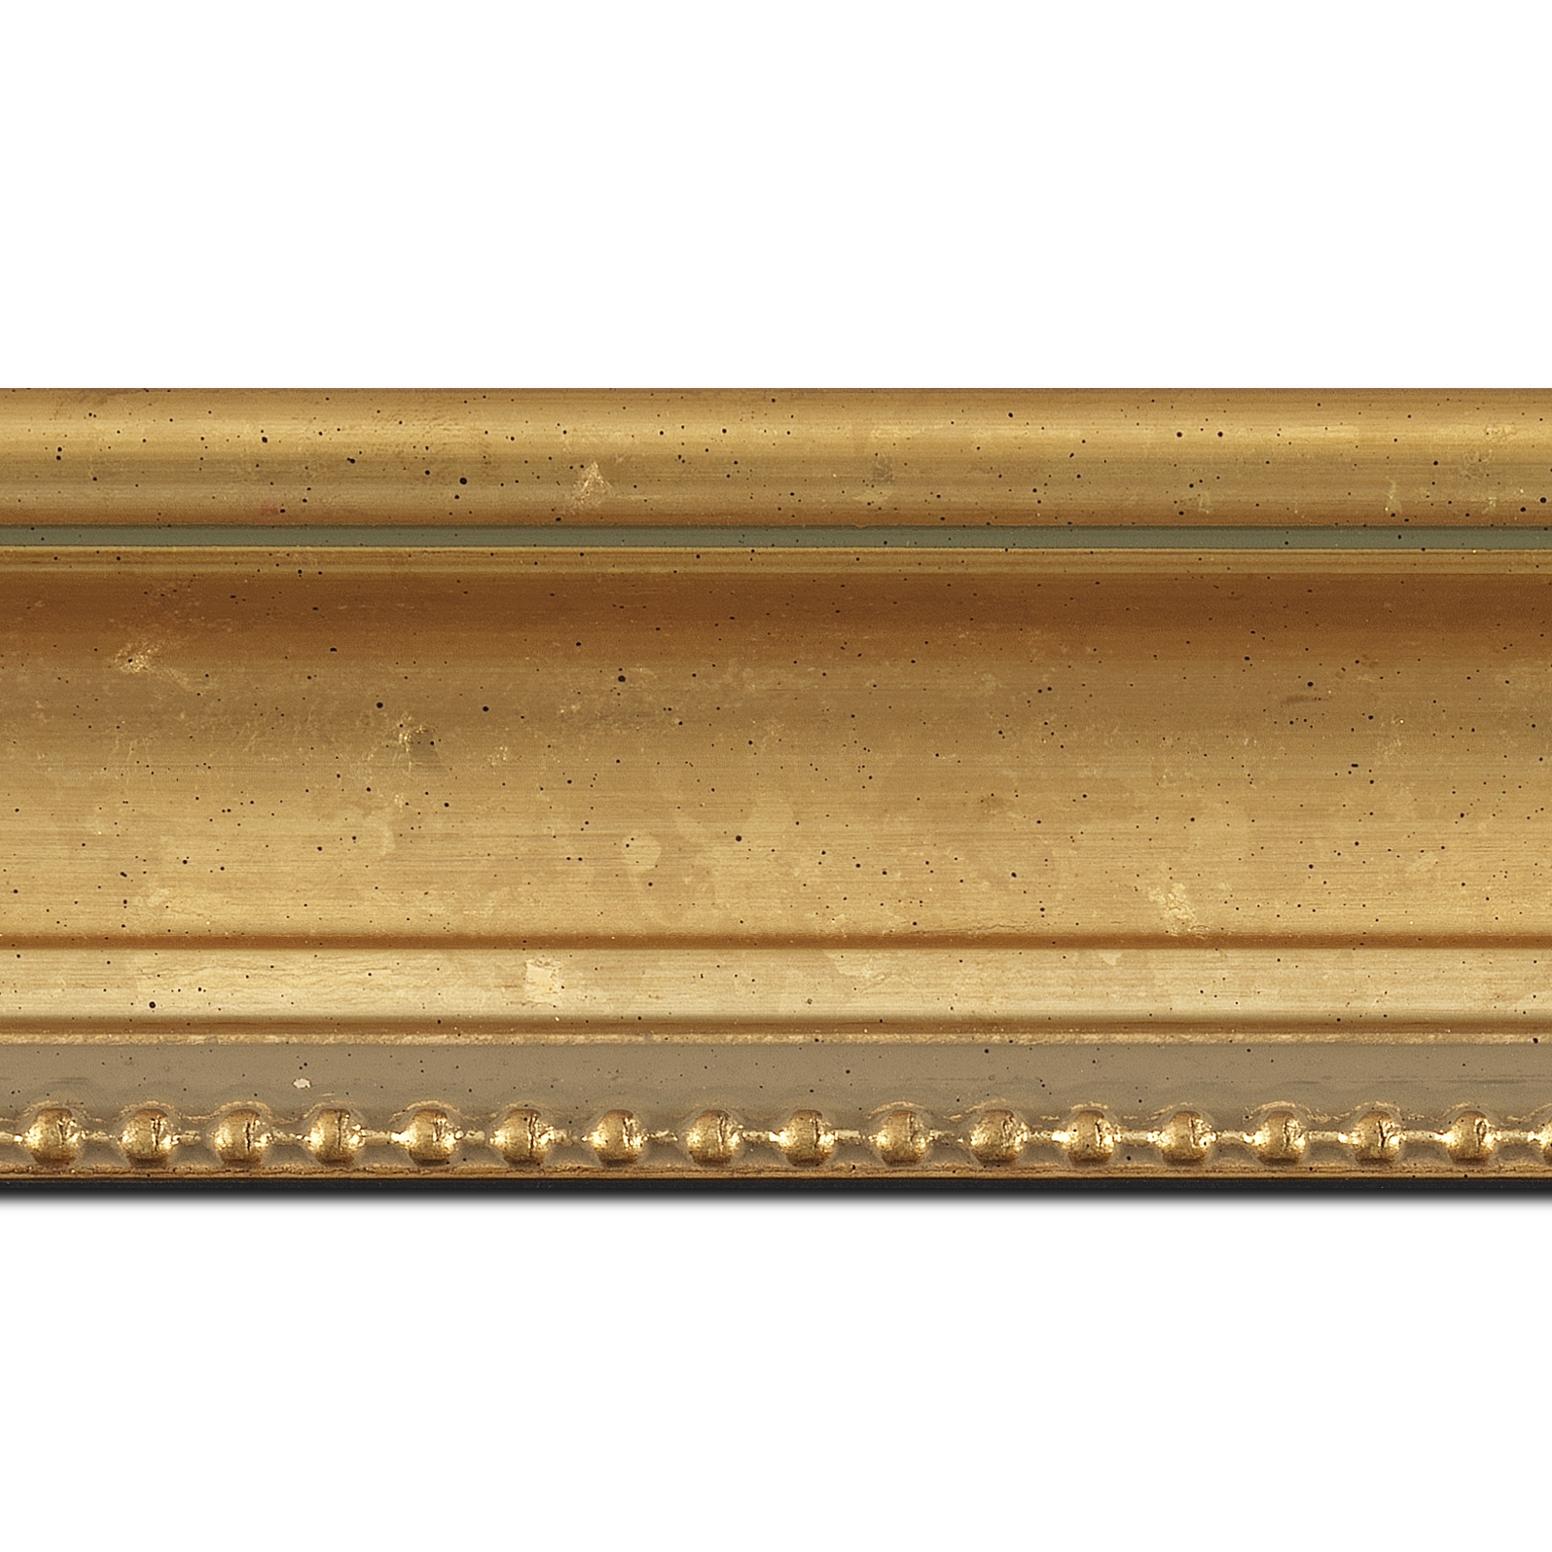 Baguette longueur 1.40m bois profil incurvé largeur 7.6cm or à la feuille filet perle